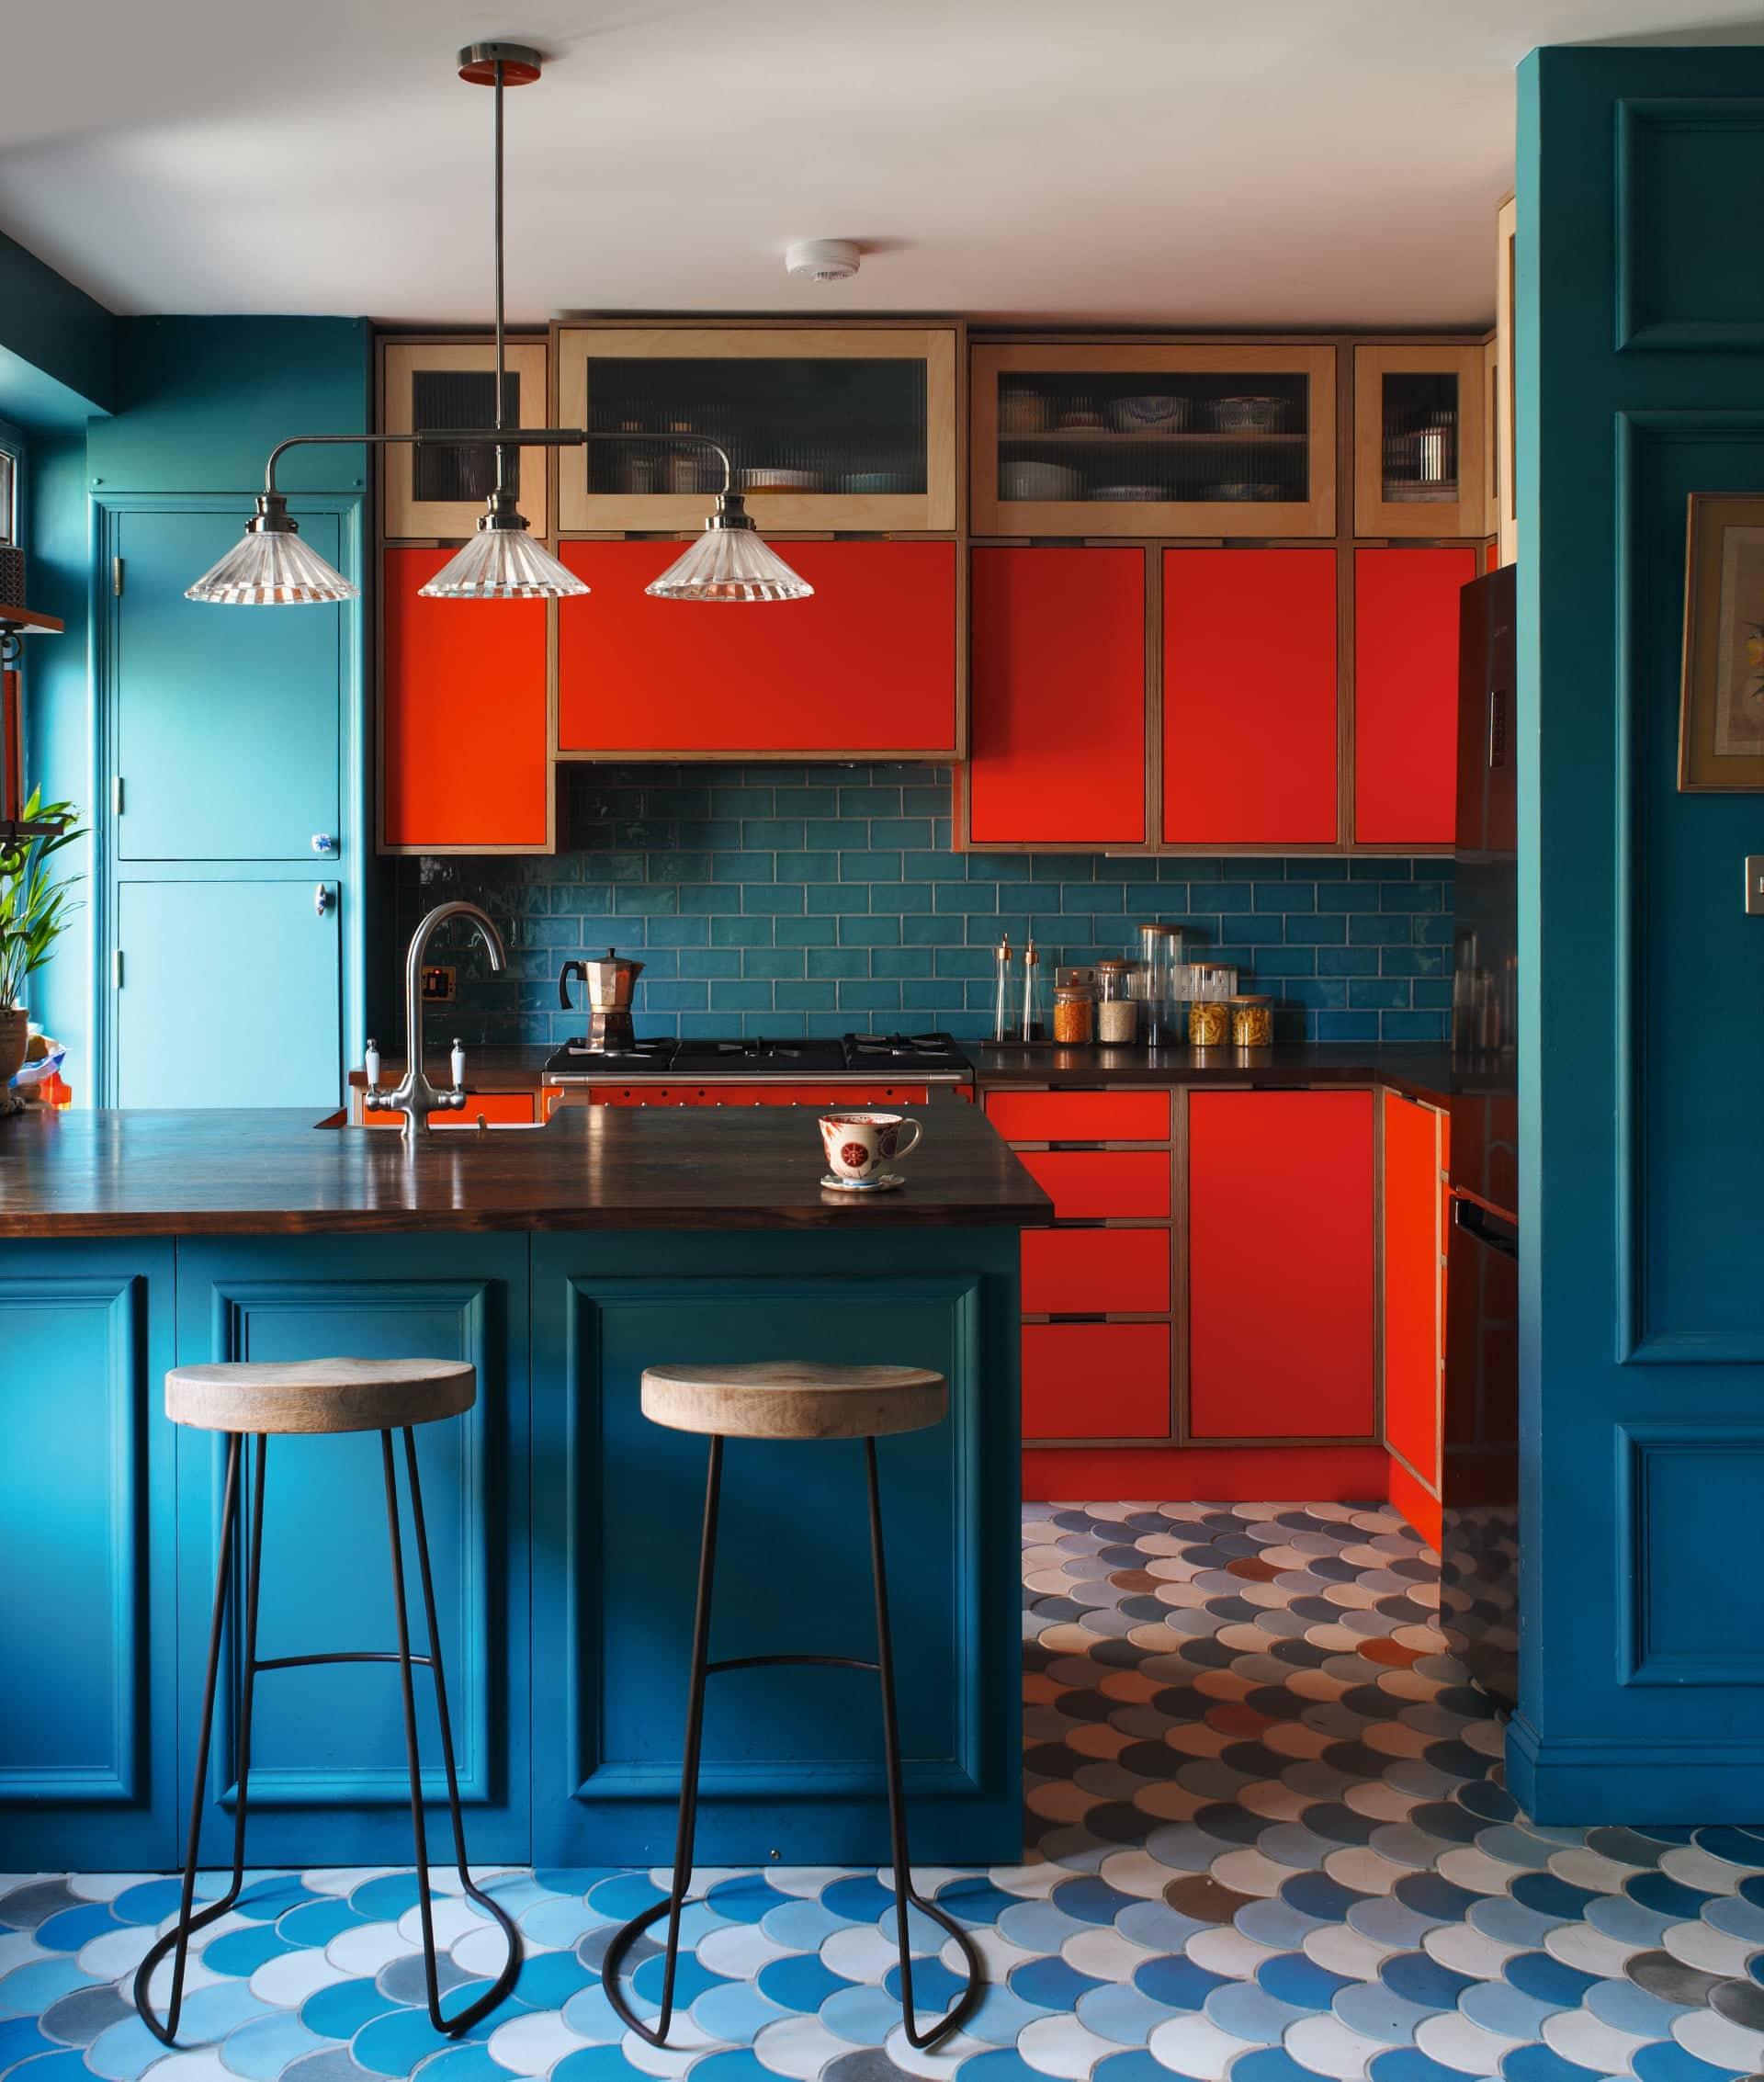 Chọn màu sắc tương phản nổi bật để giúp căn phòng trở nên ấn tượng hơn